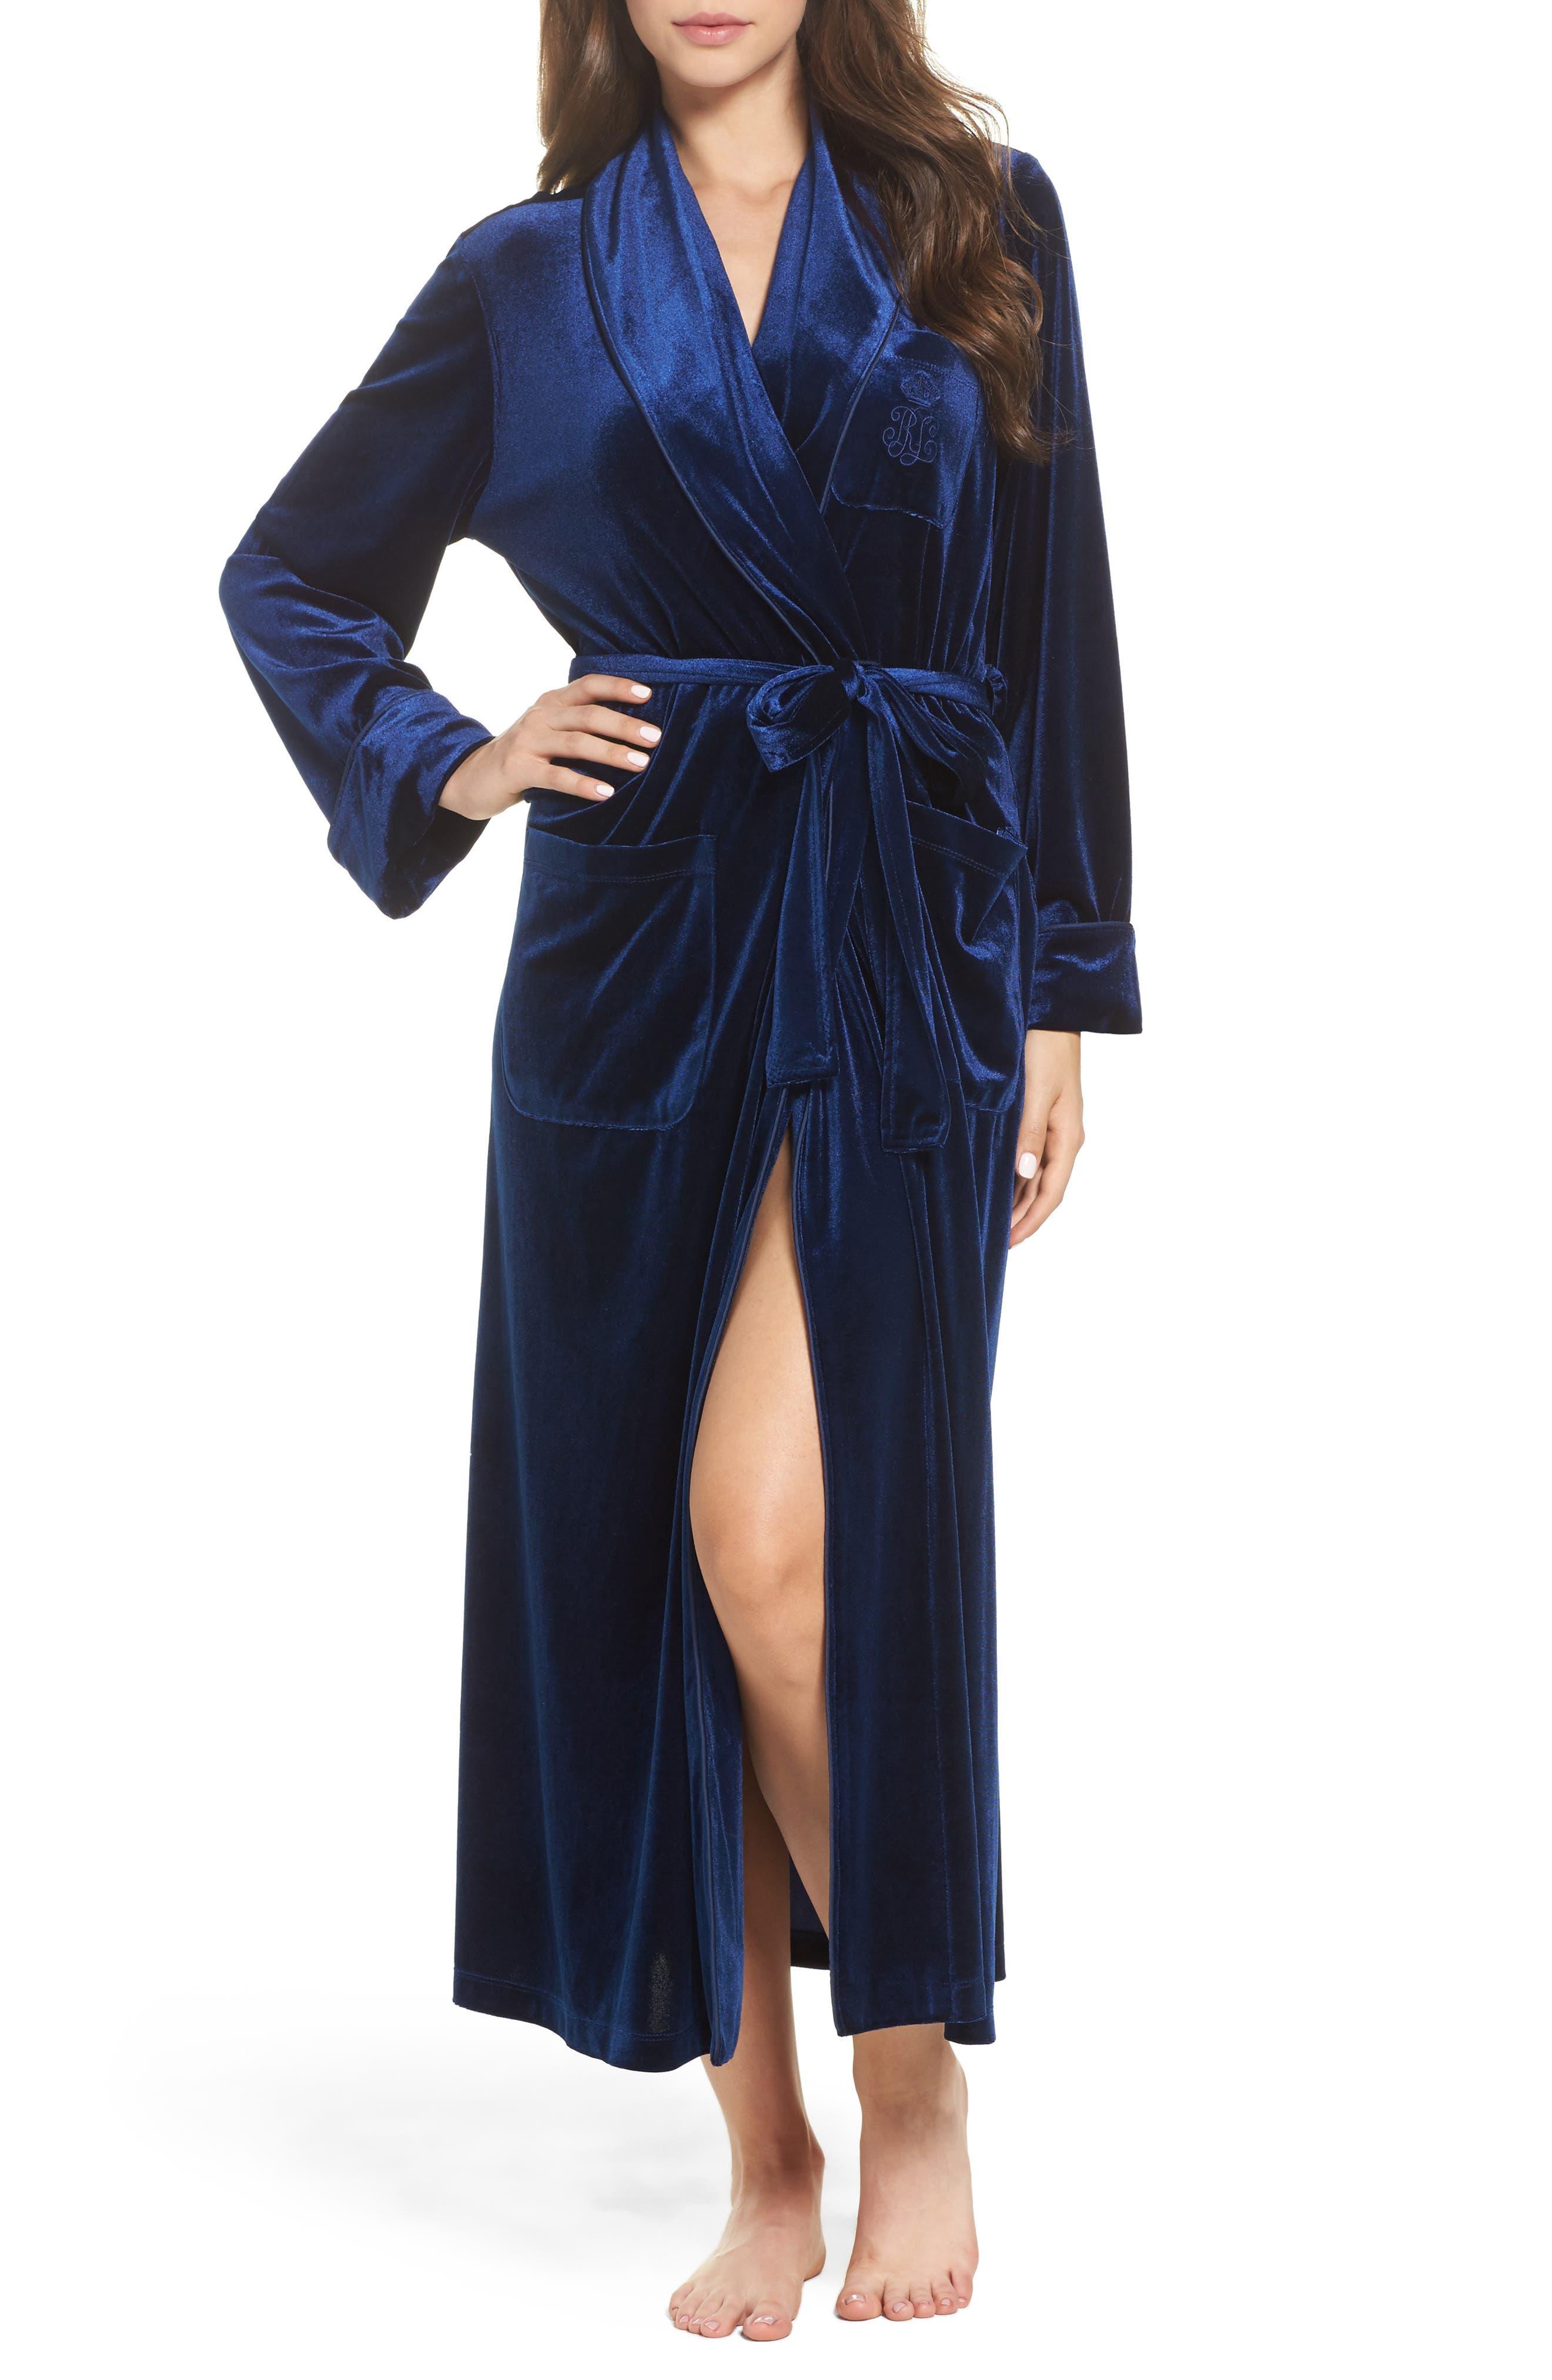 Alternate Image 1 Selected - Lauren Ralph Lauren Shawl Collar Velvet Robe